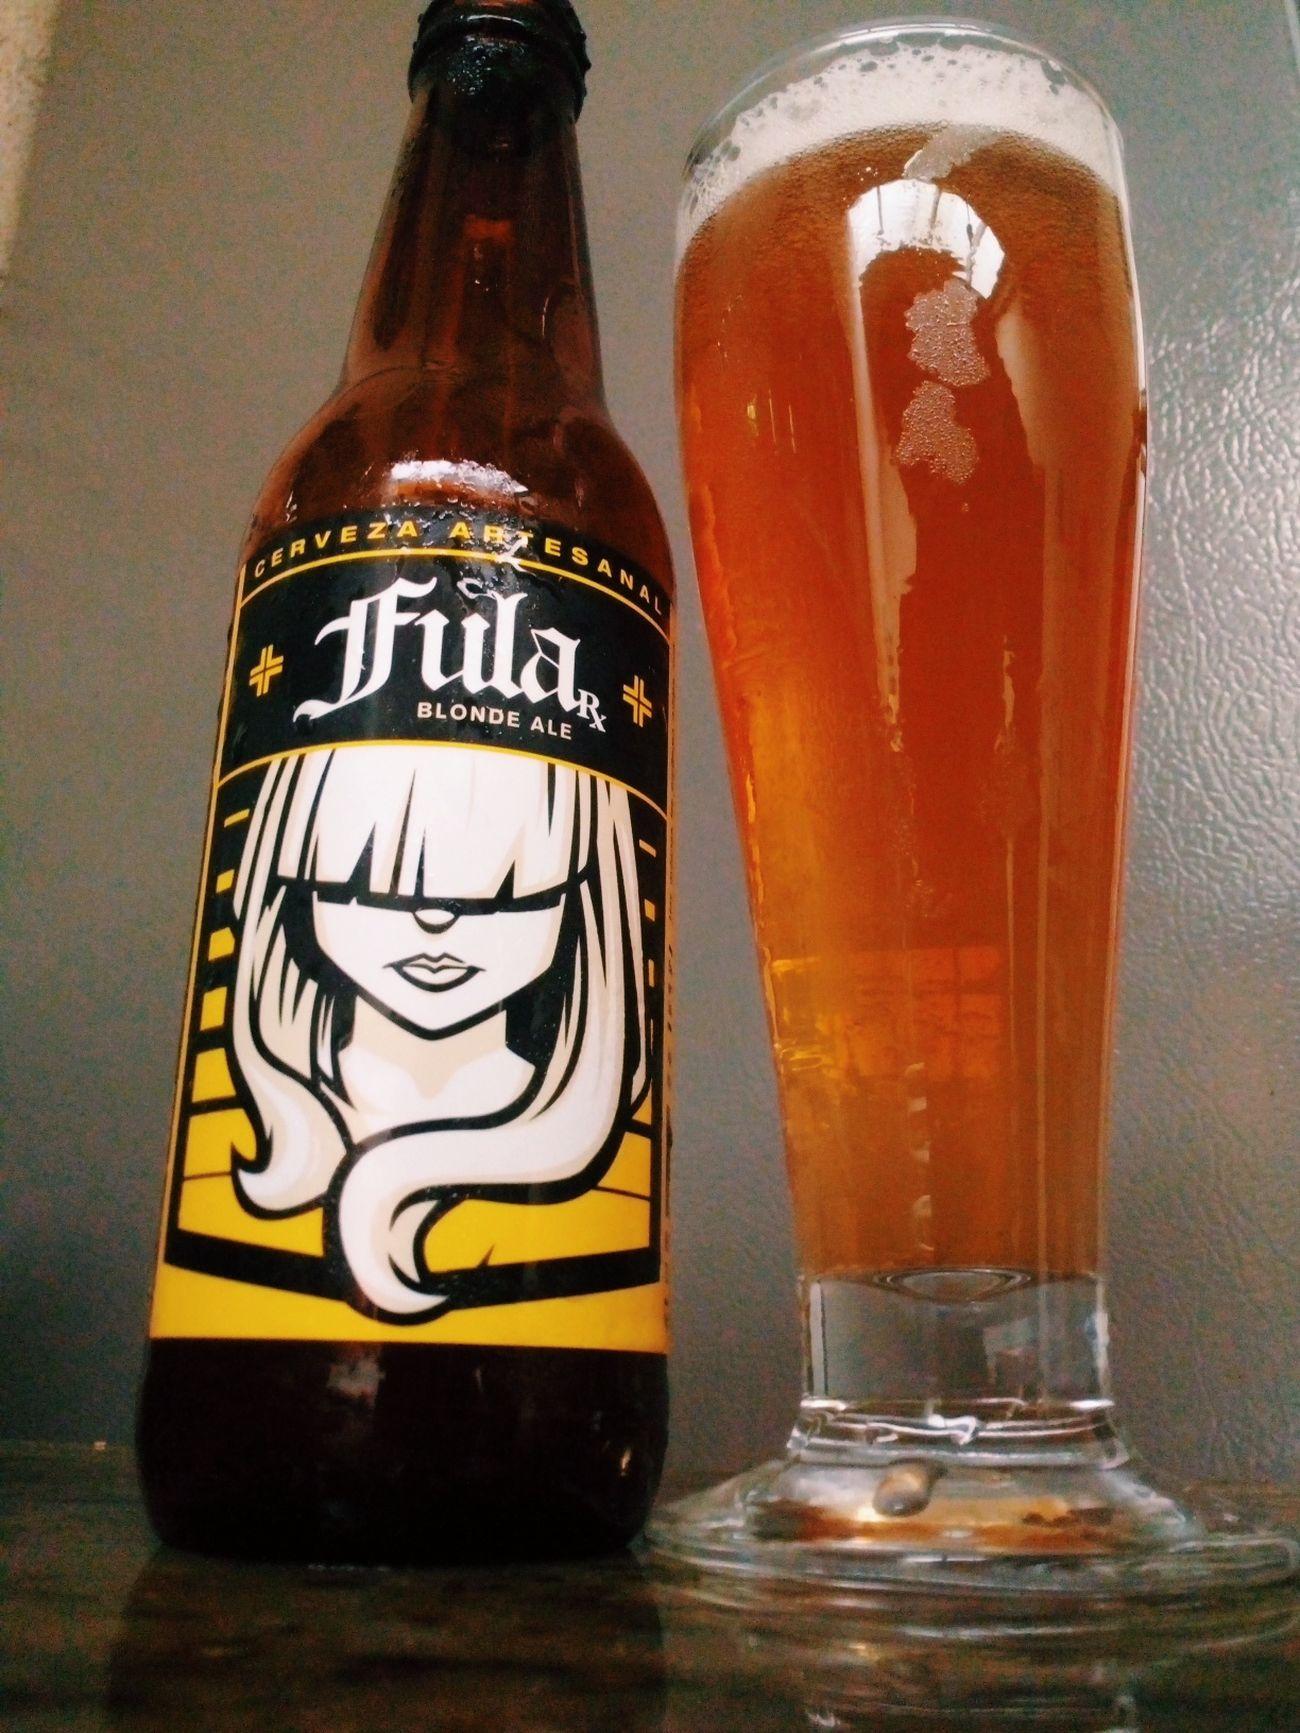 Cheers Beers CasaBruja Relaxing Beer Tasting  Blondeale Fula Brewing Home Sweet Home